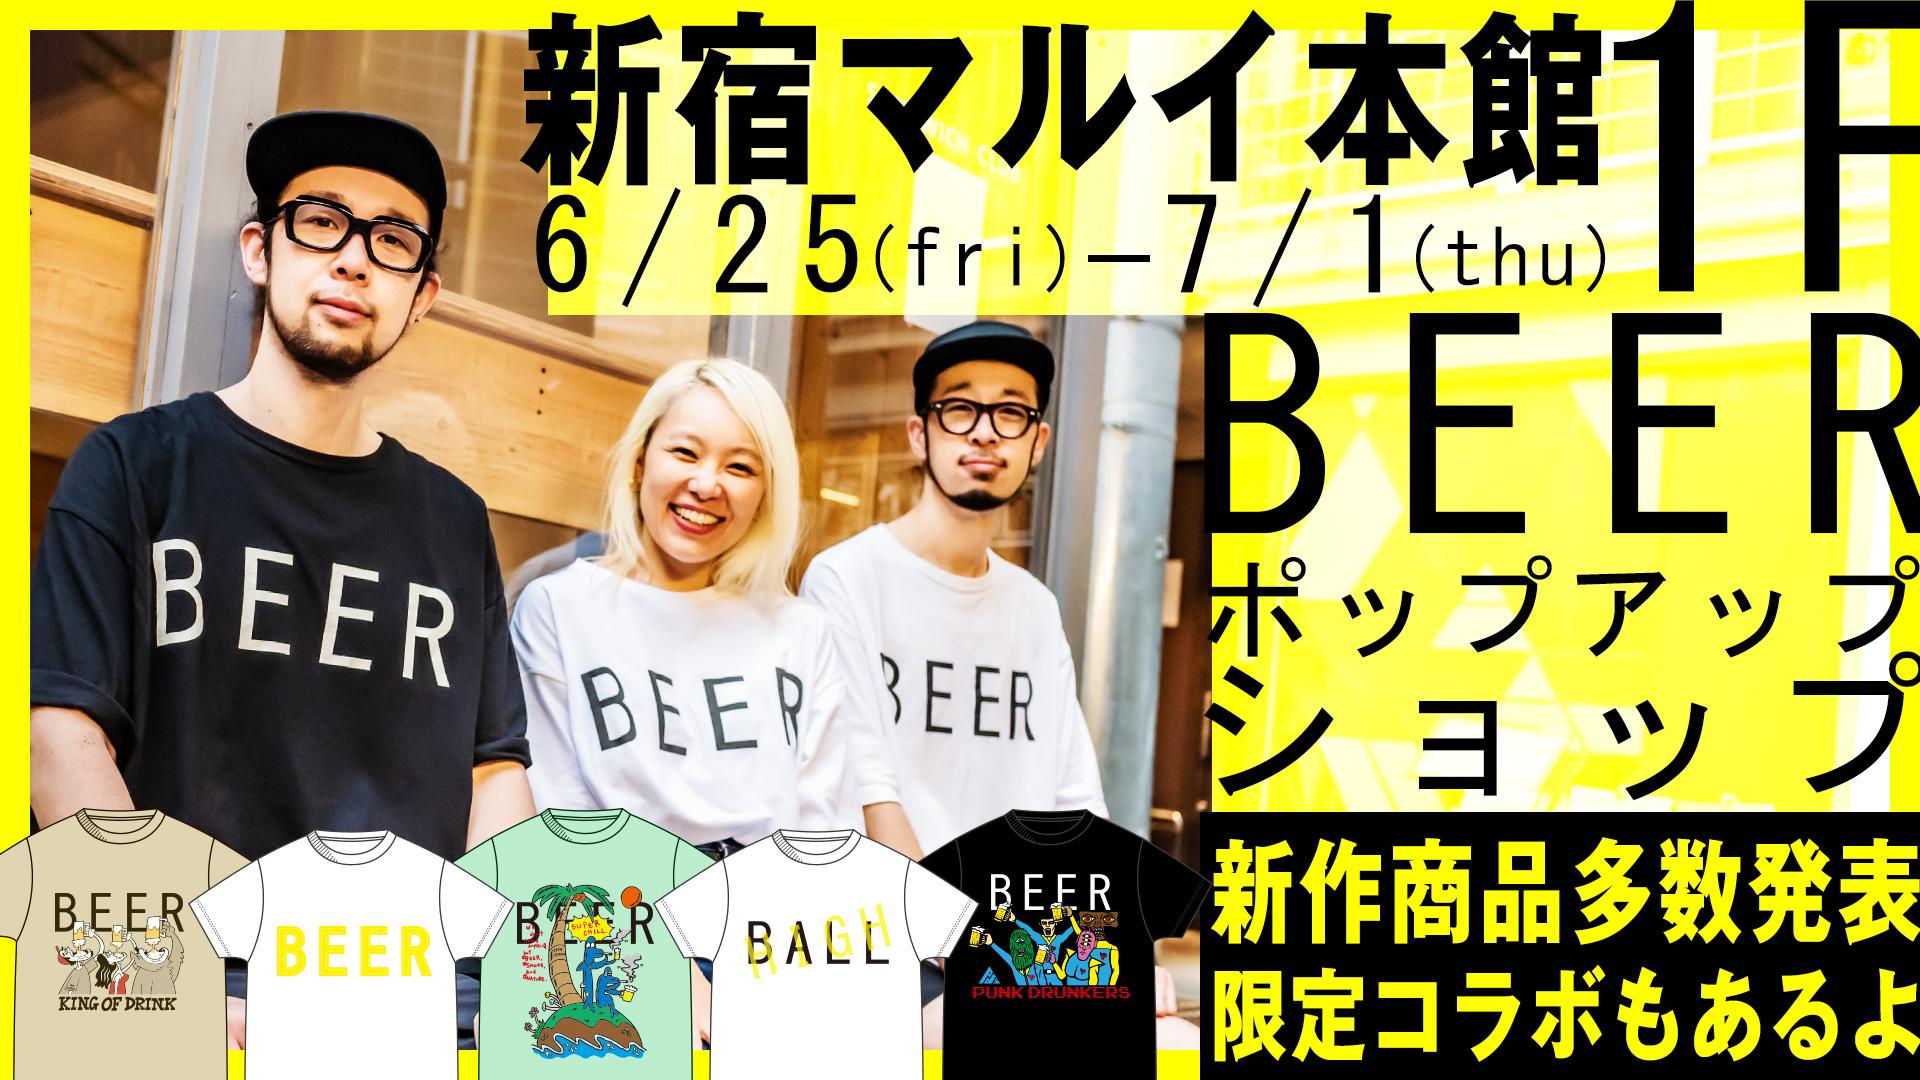 新宿マルイ本館1Fにポップアップショップオープン